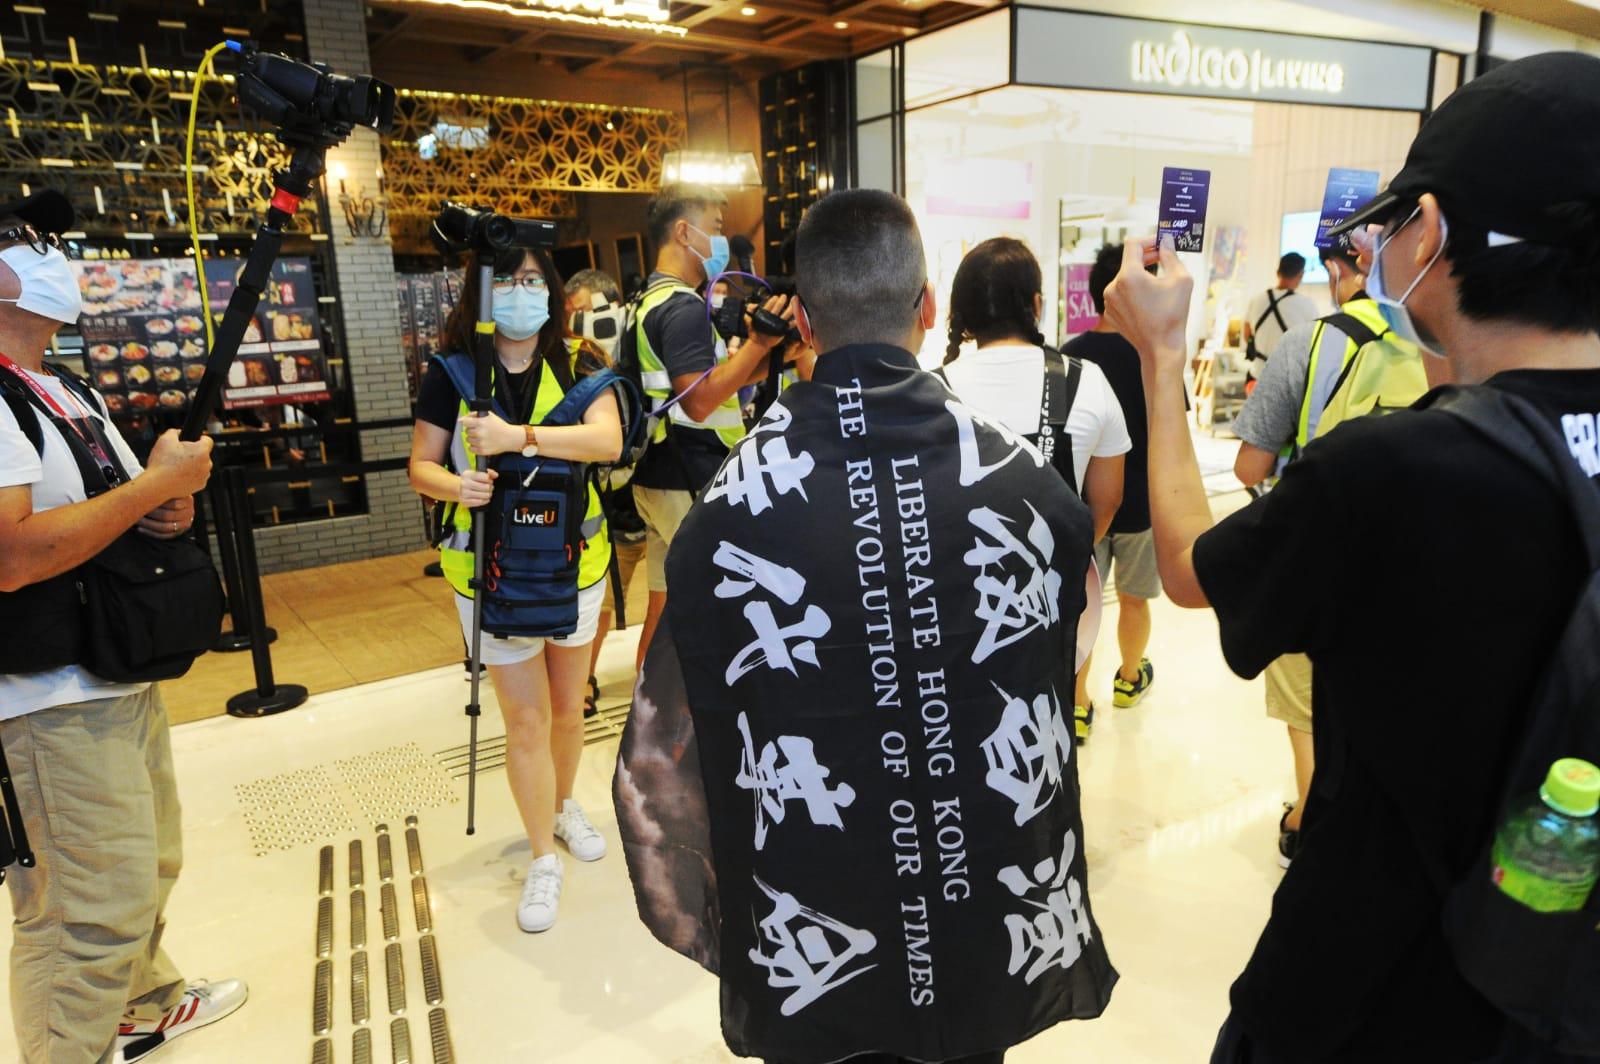 來到Yoho Mall的抗爭者們一邊高喊著「天滅中共,全黨死清光」等口號,一邊環繞著整個商場巡遊,並展示「光復香港,時代革命」的旗幟及漫威電影中美國隊長的盾,喻意著香港人要「守護和防衛」香港這一方土地。(宋碧龍 / 大紀元)